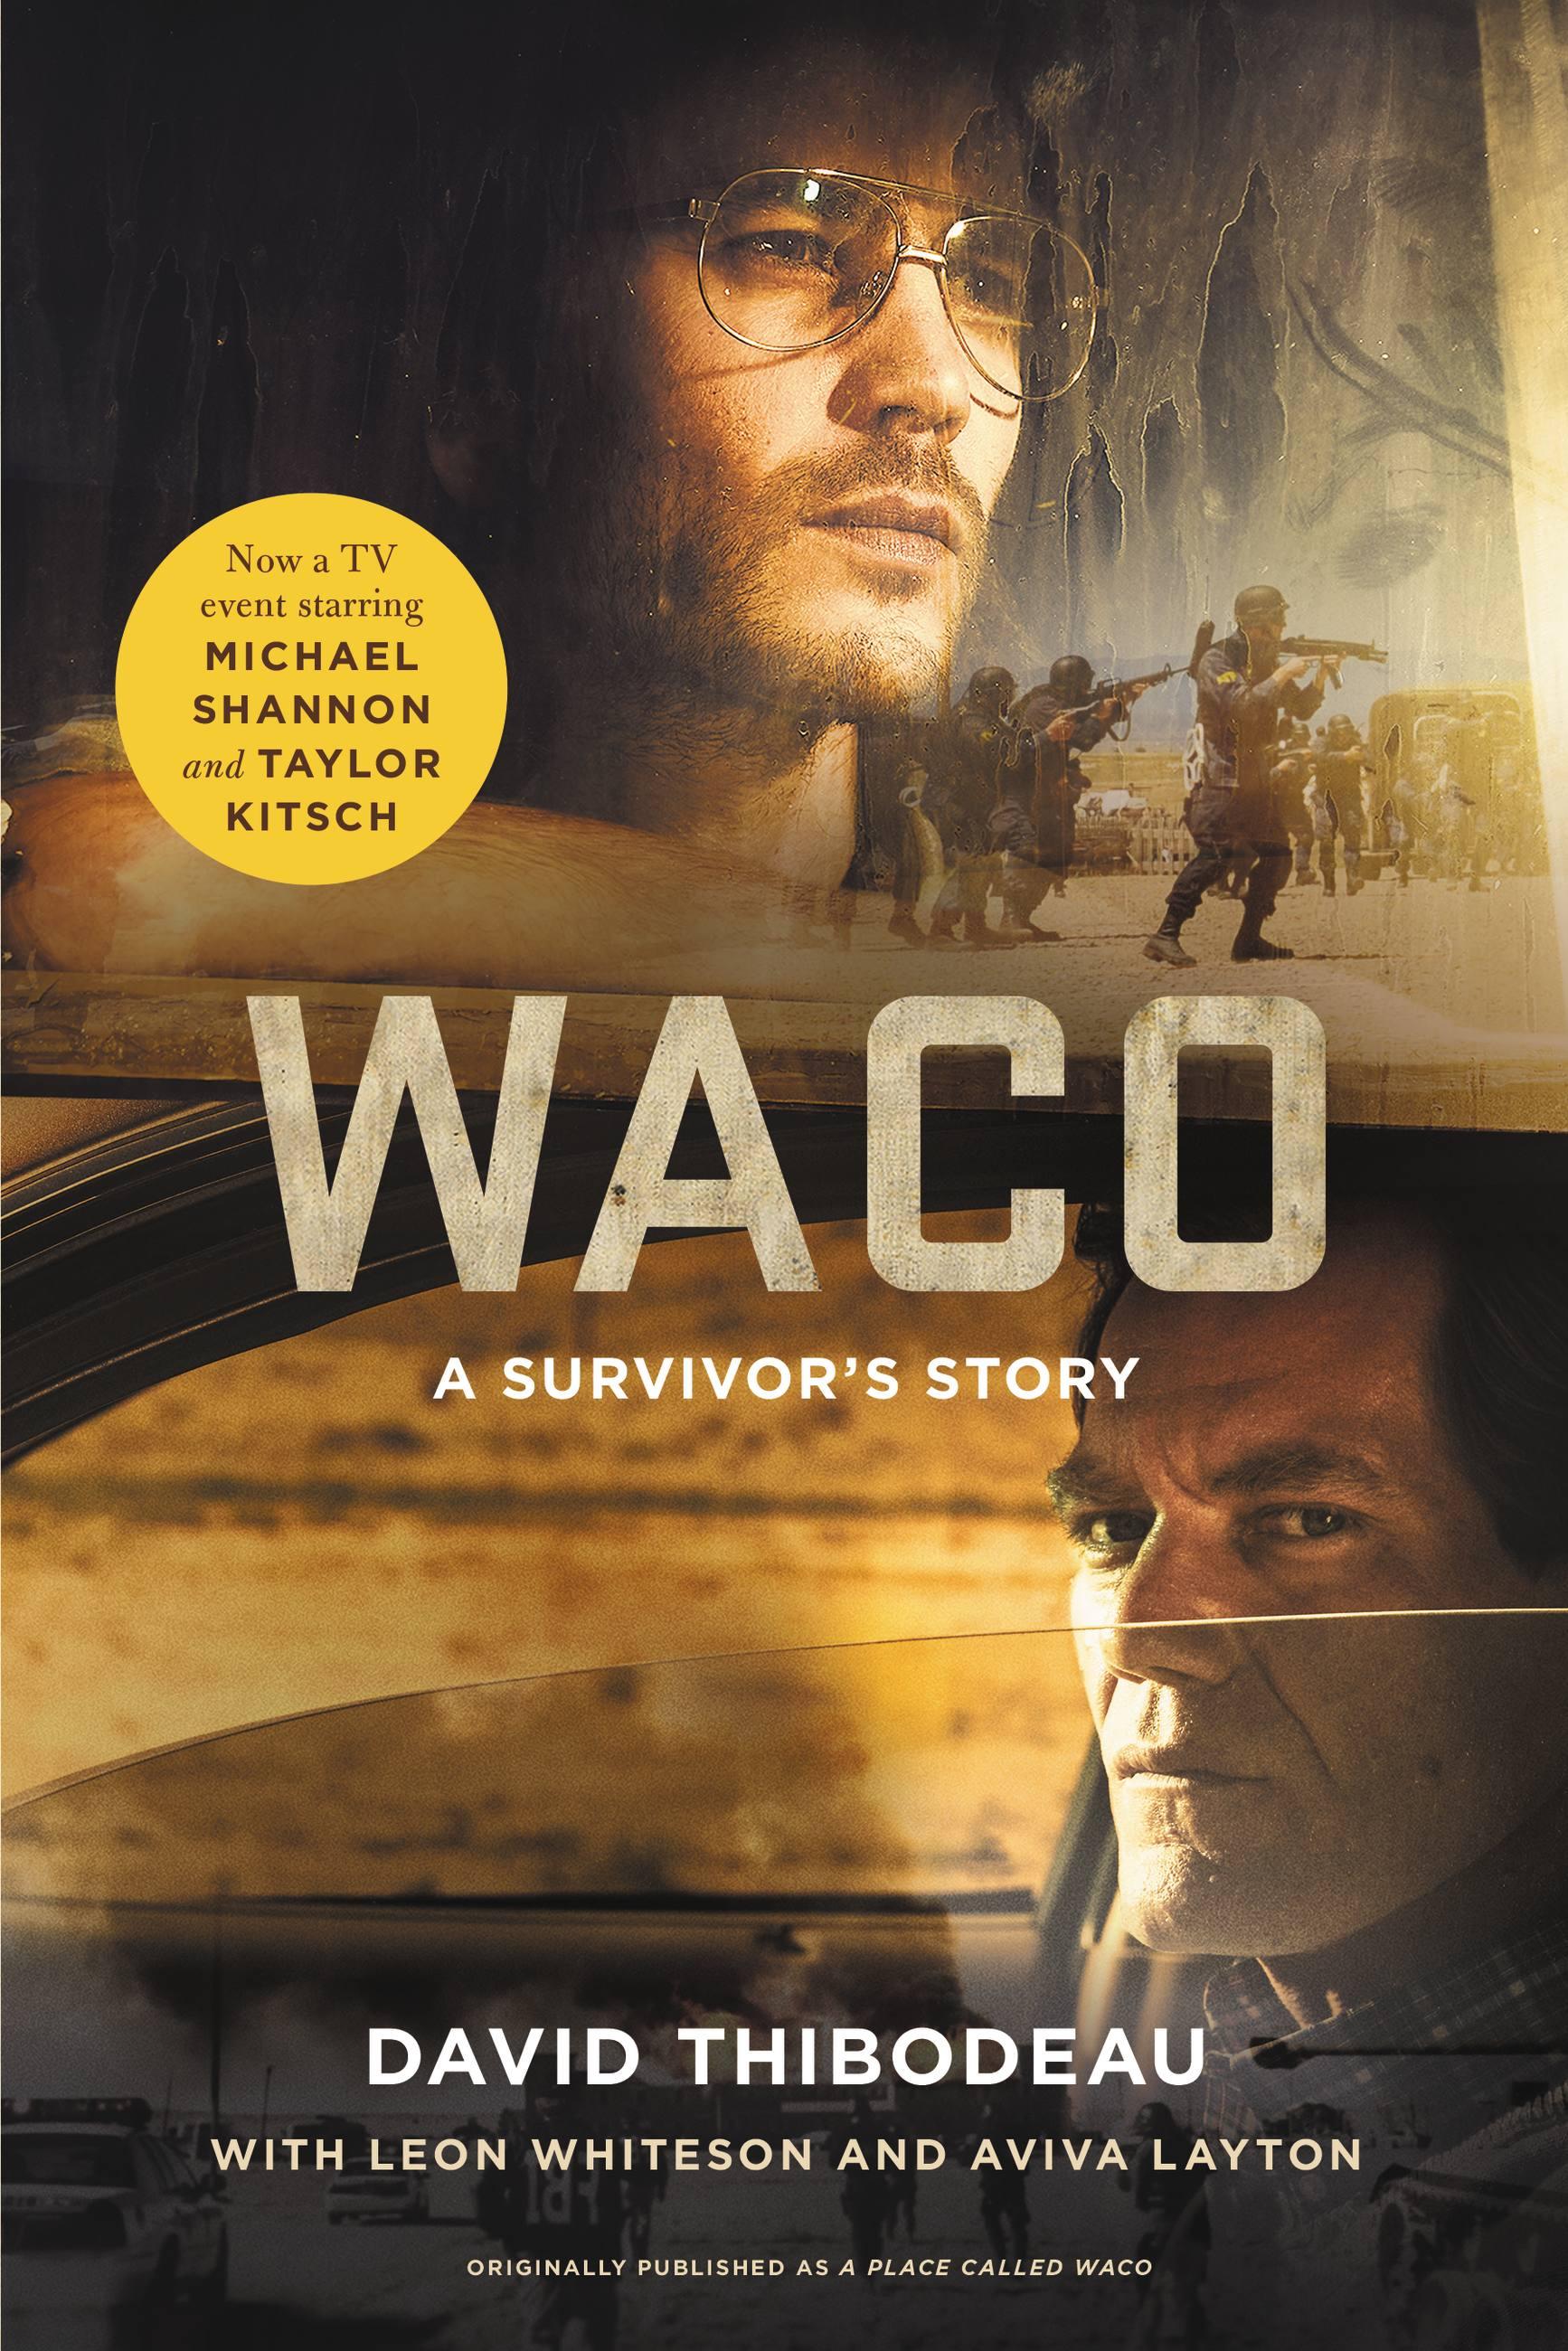 Waco A Survivor's Story